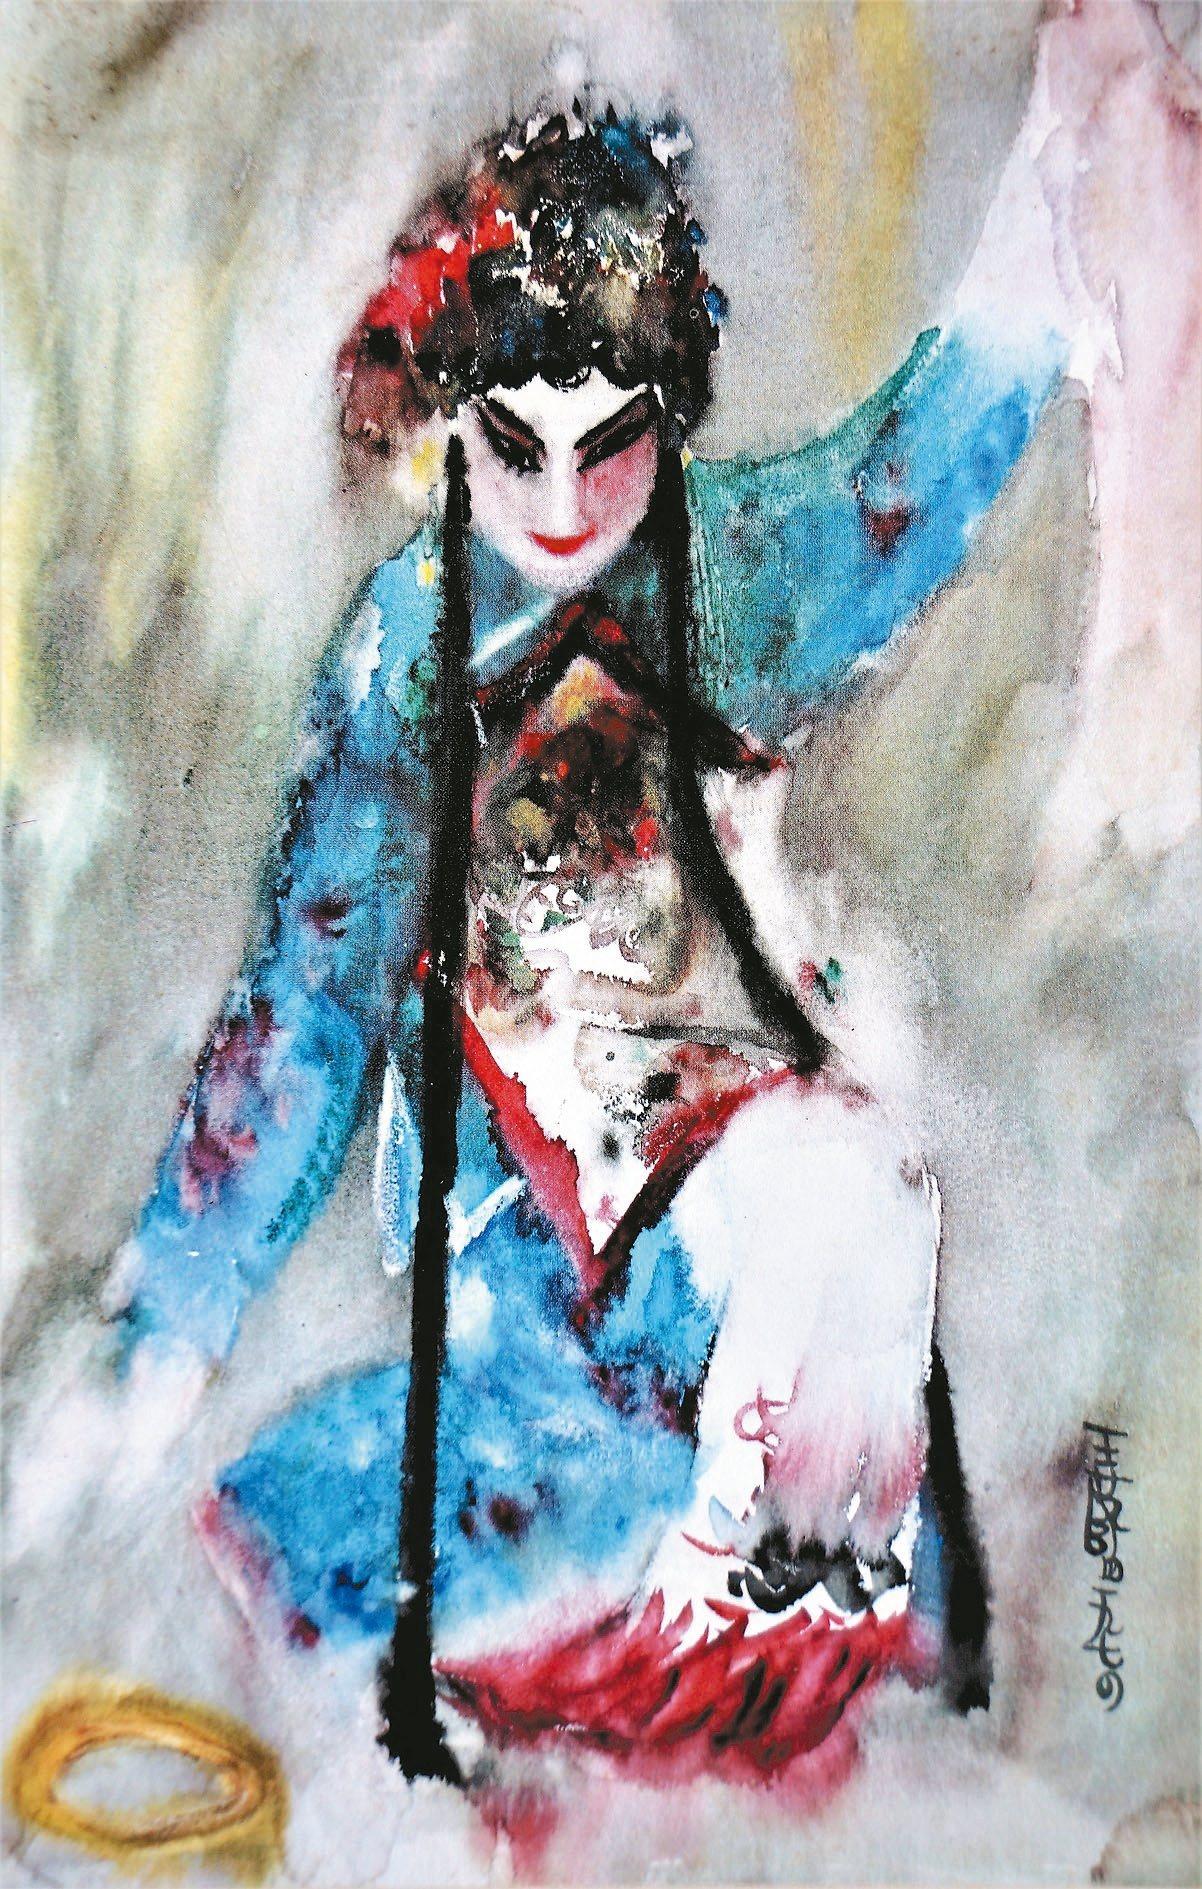 王藍水彩名作〈拾玉鐲〉,把花旦的身段、扮相,全都凝固在一戲劇性的優美高潮動作之中...